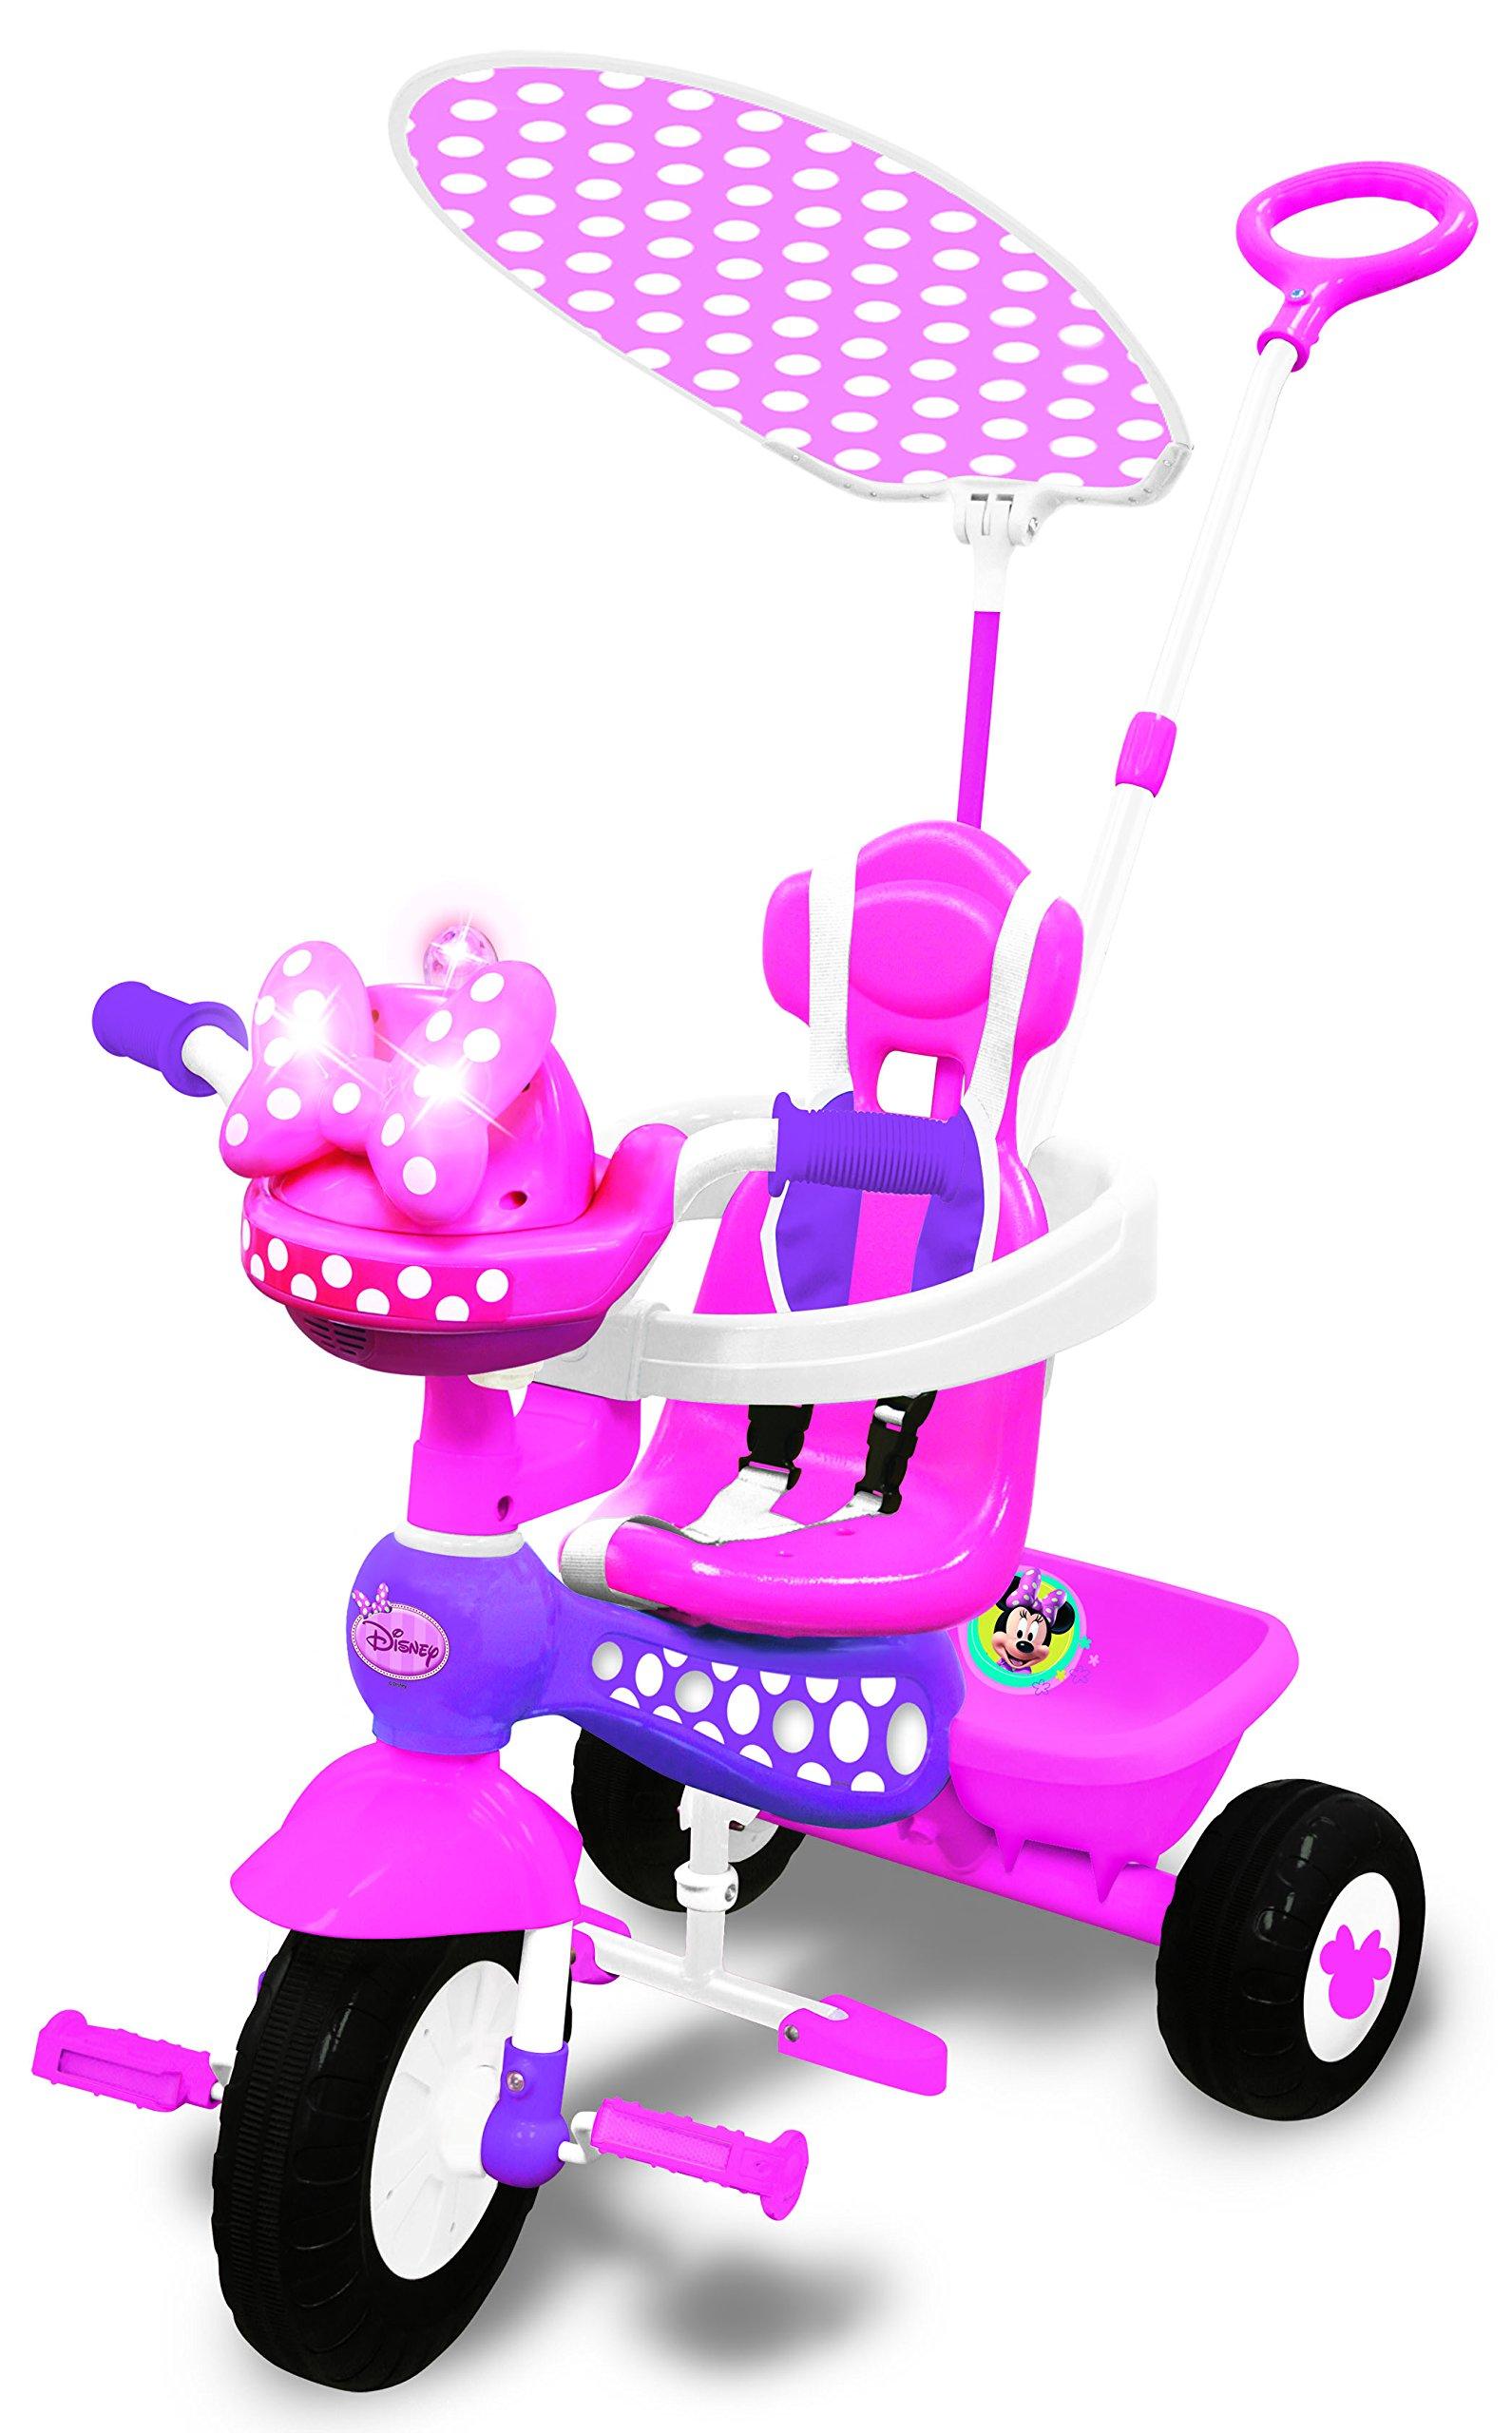 Kiddieland Disney Minnie Mouse Push N' Ride Trike by Kiddieland Toys Limited